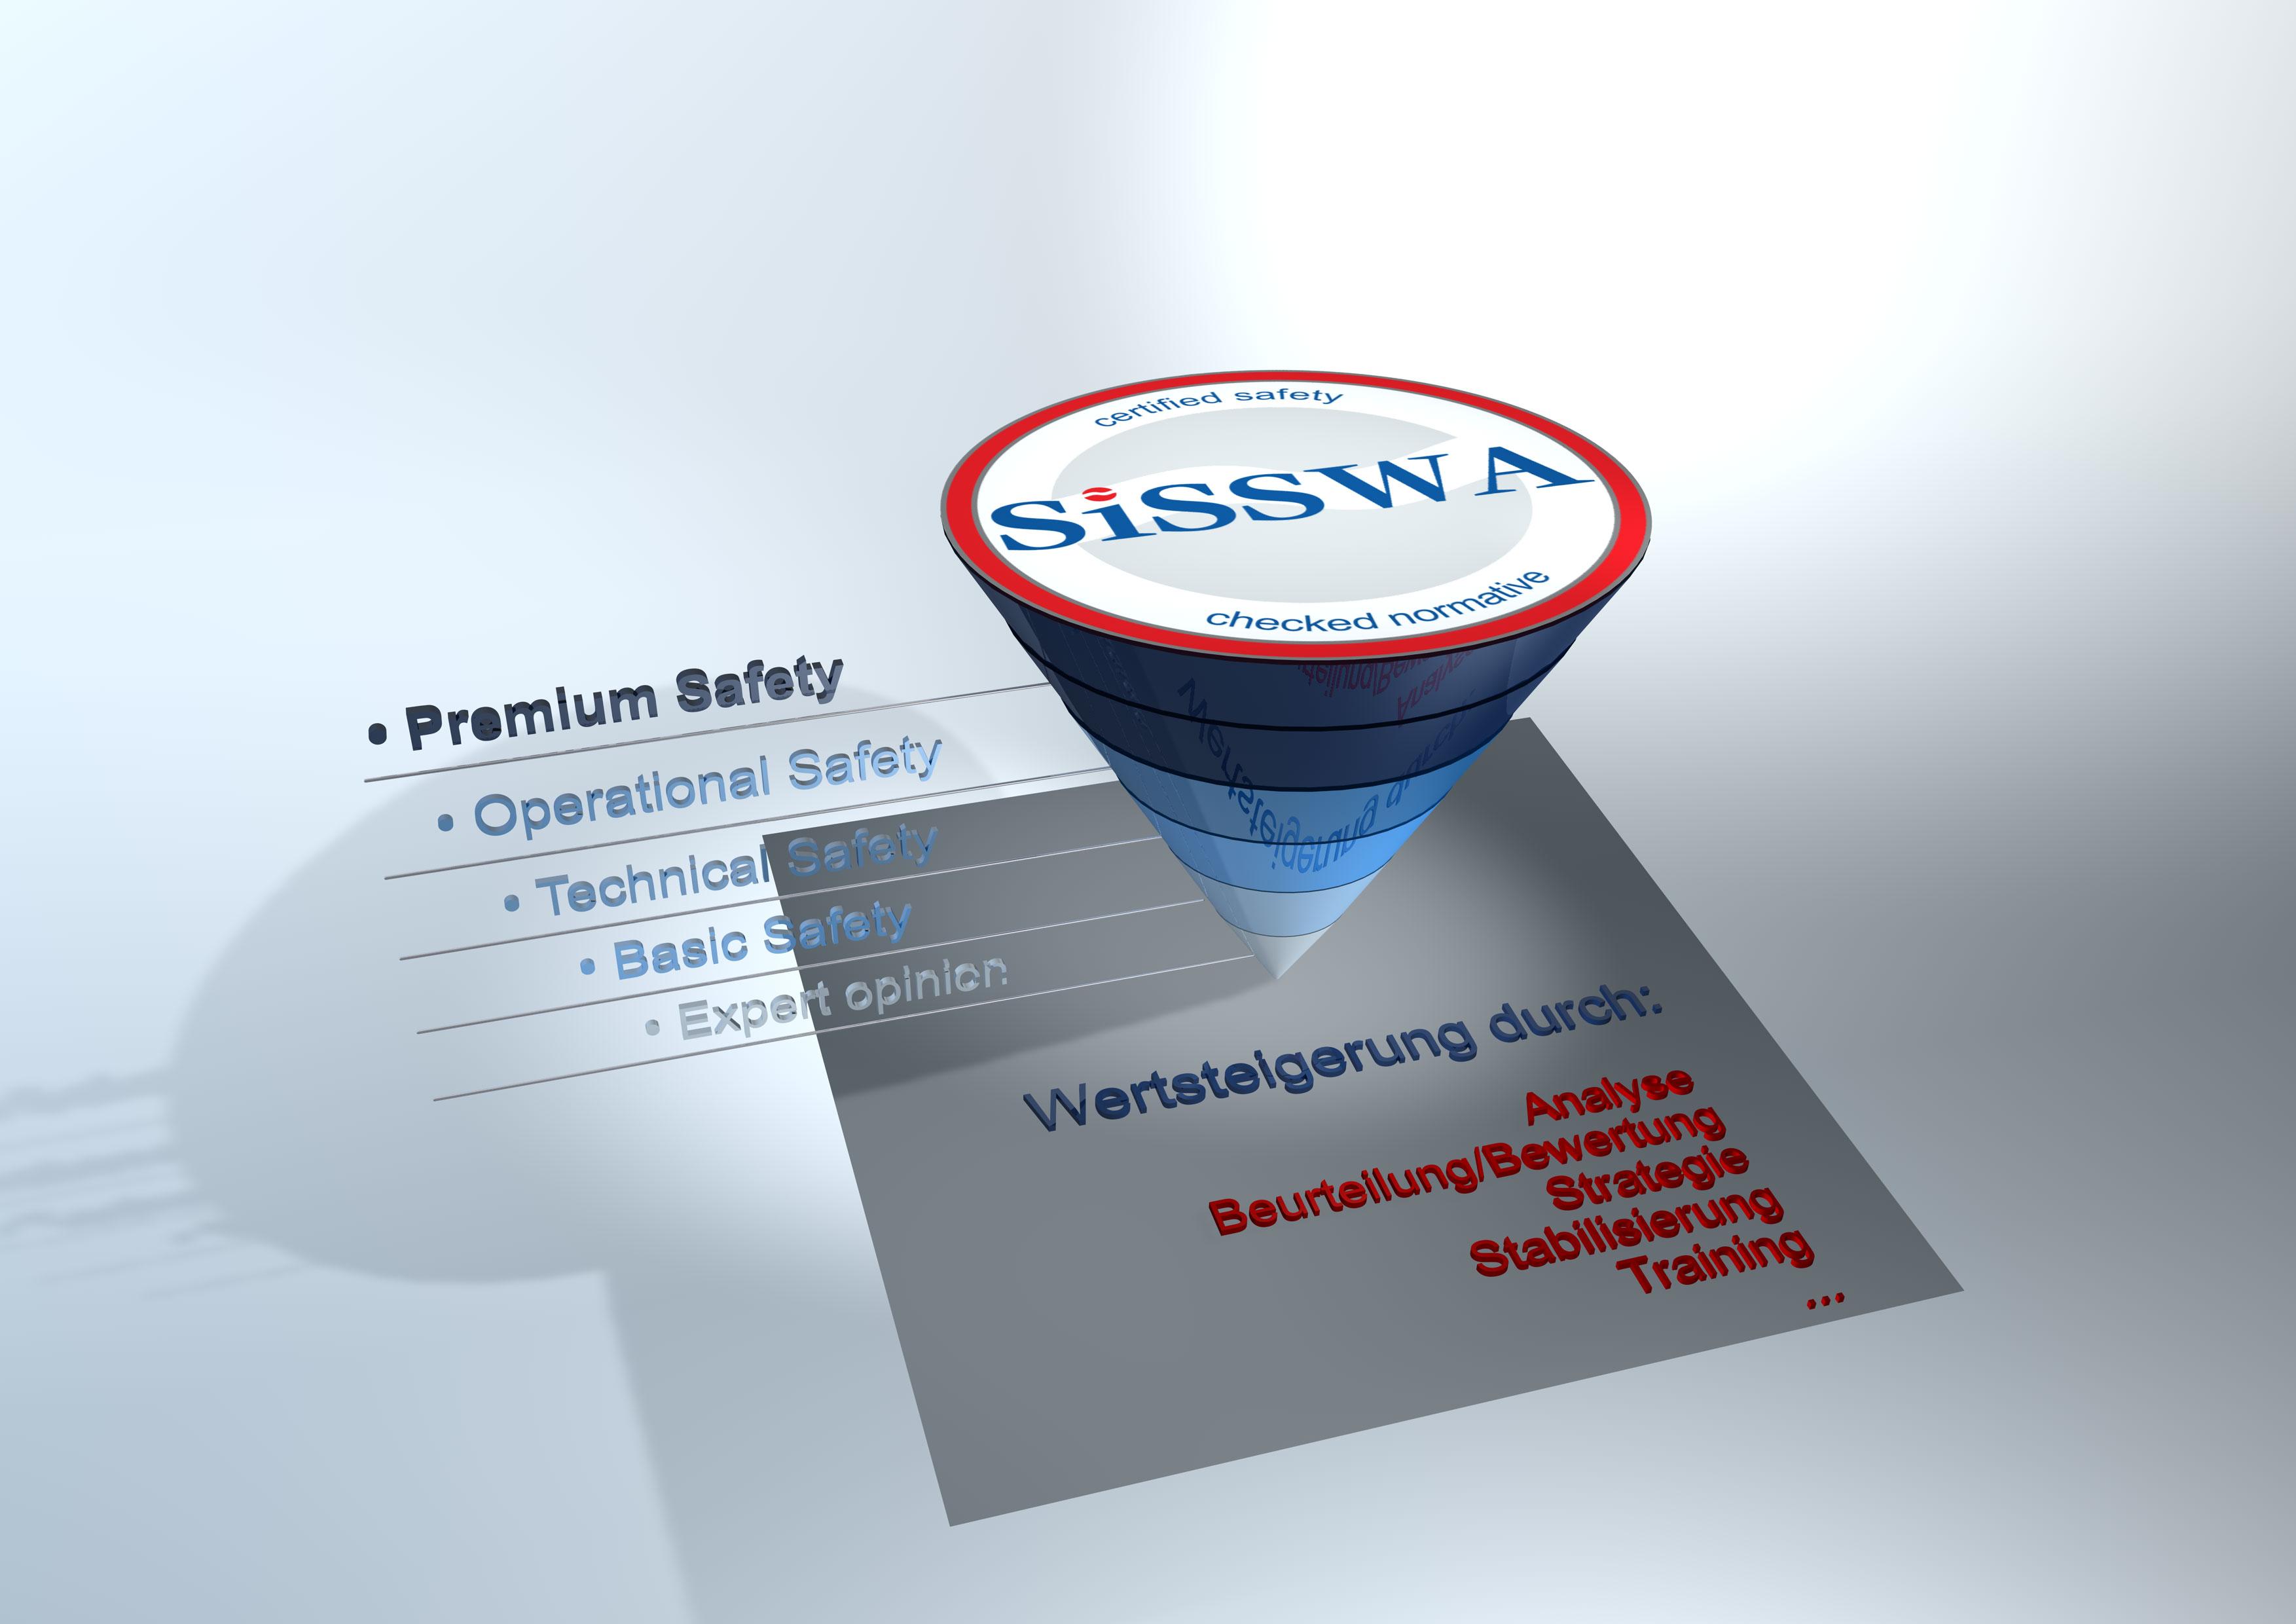 kegelgrafik SiSSWA